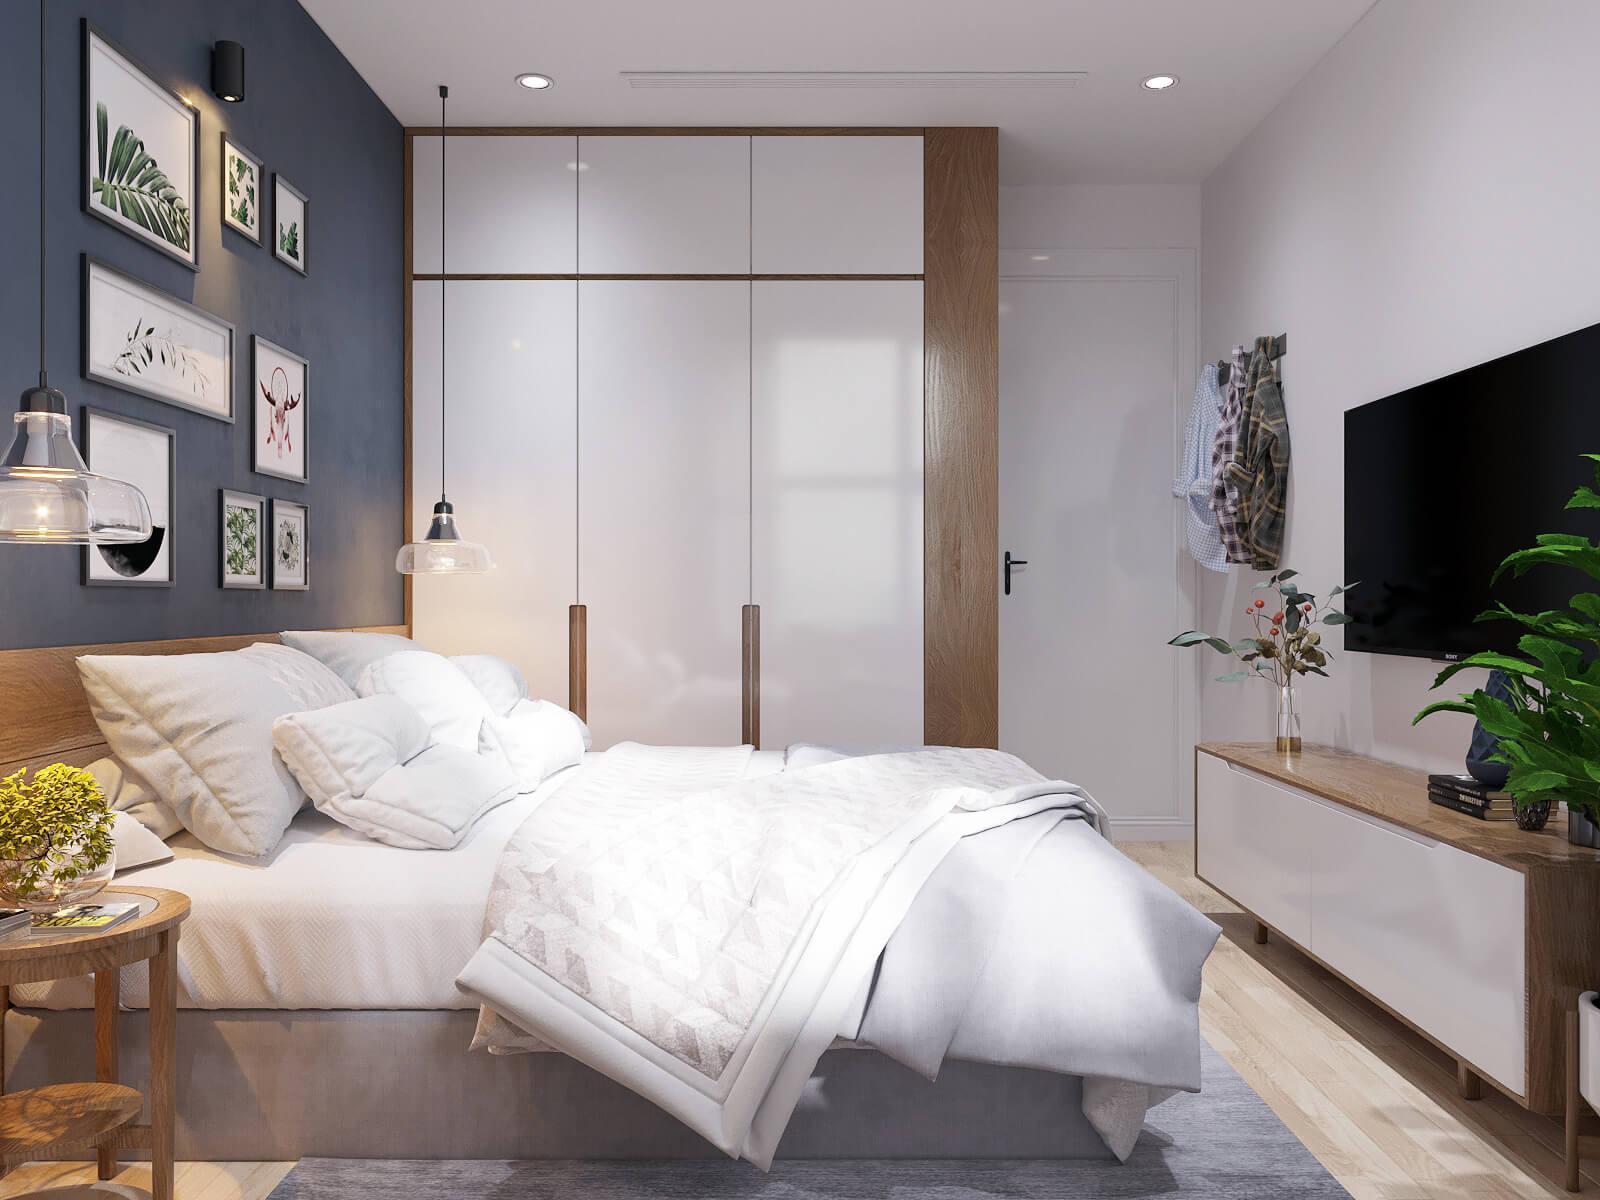 thiết kế nội thất căn hộ chung cư 70m2 7